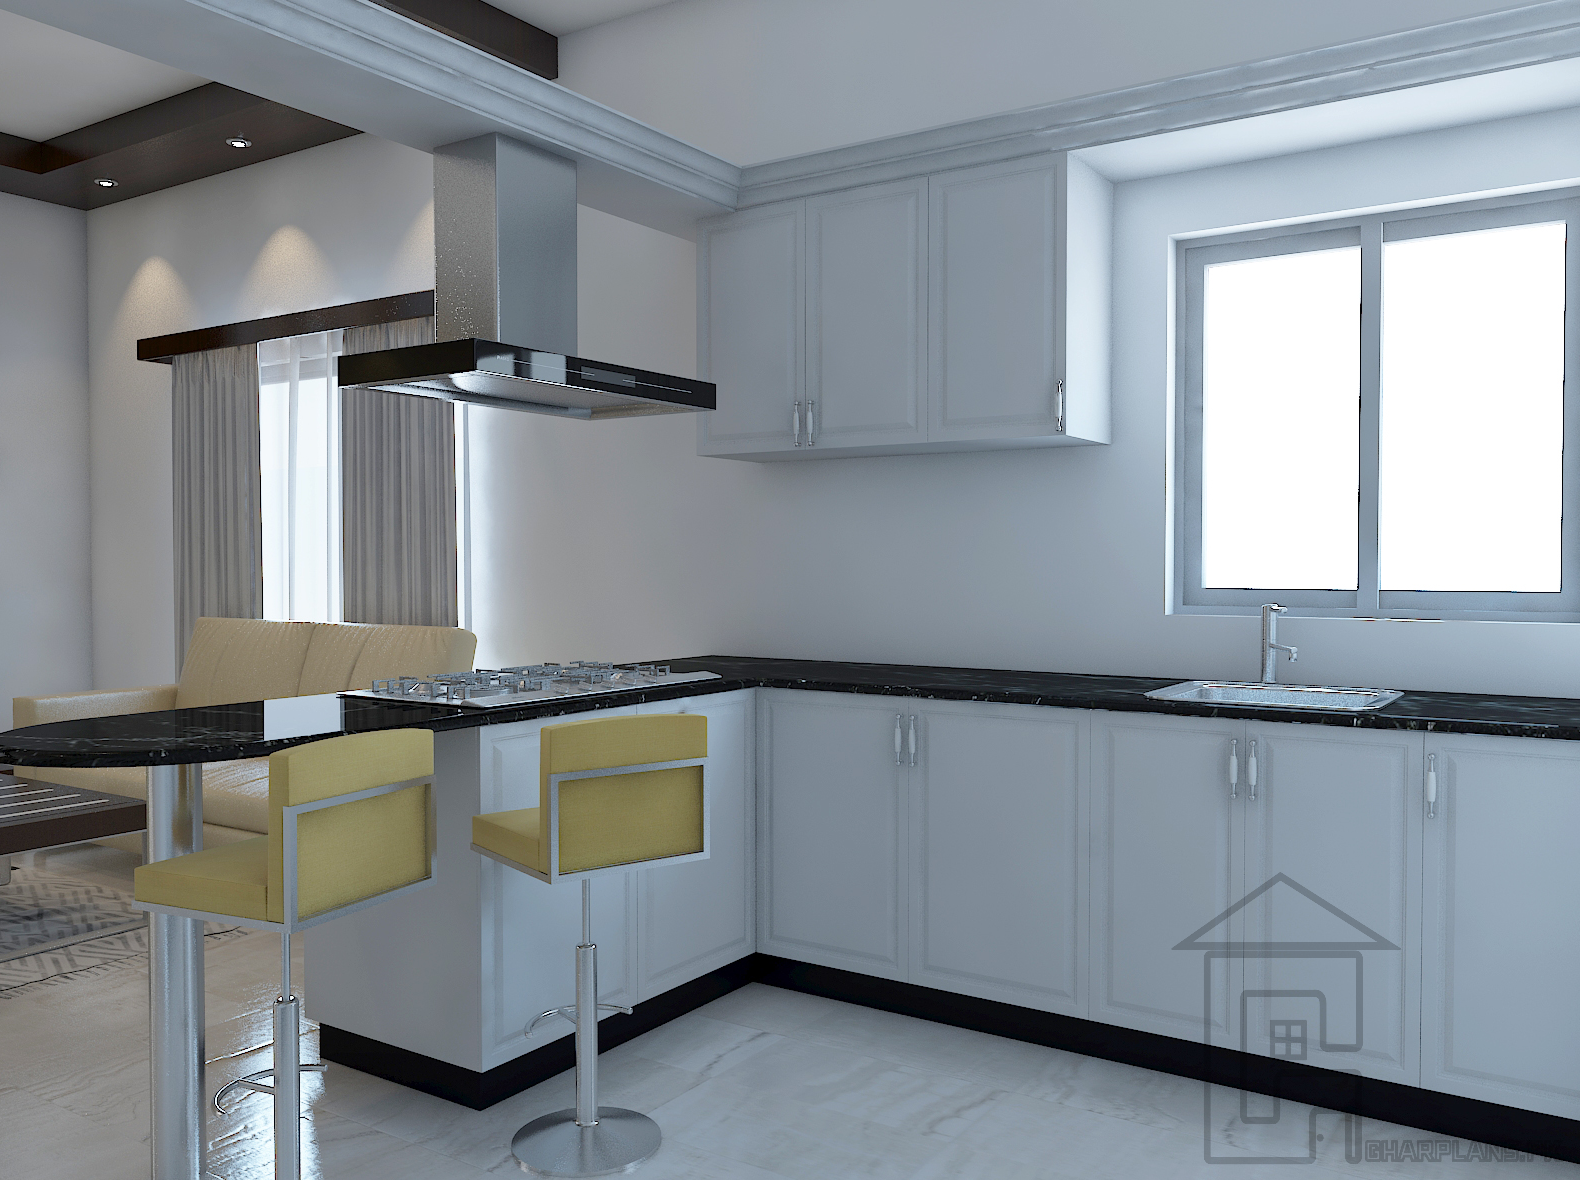 Kitchen Home Improvement | Open kitchens, Kitchens and Interiors